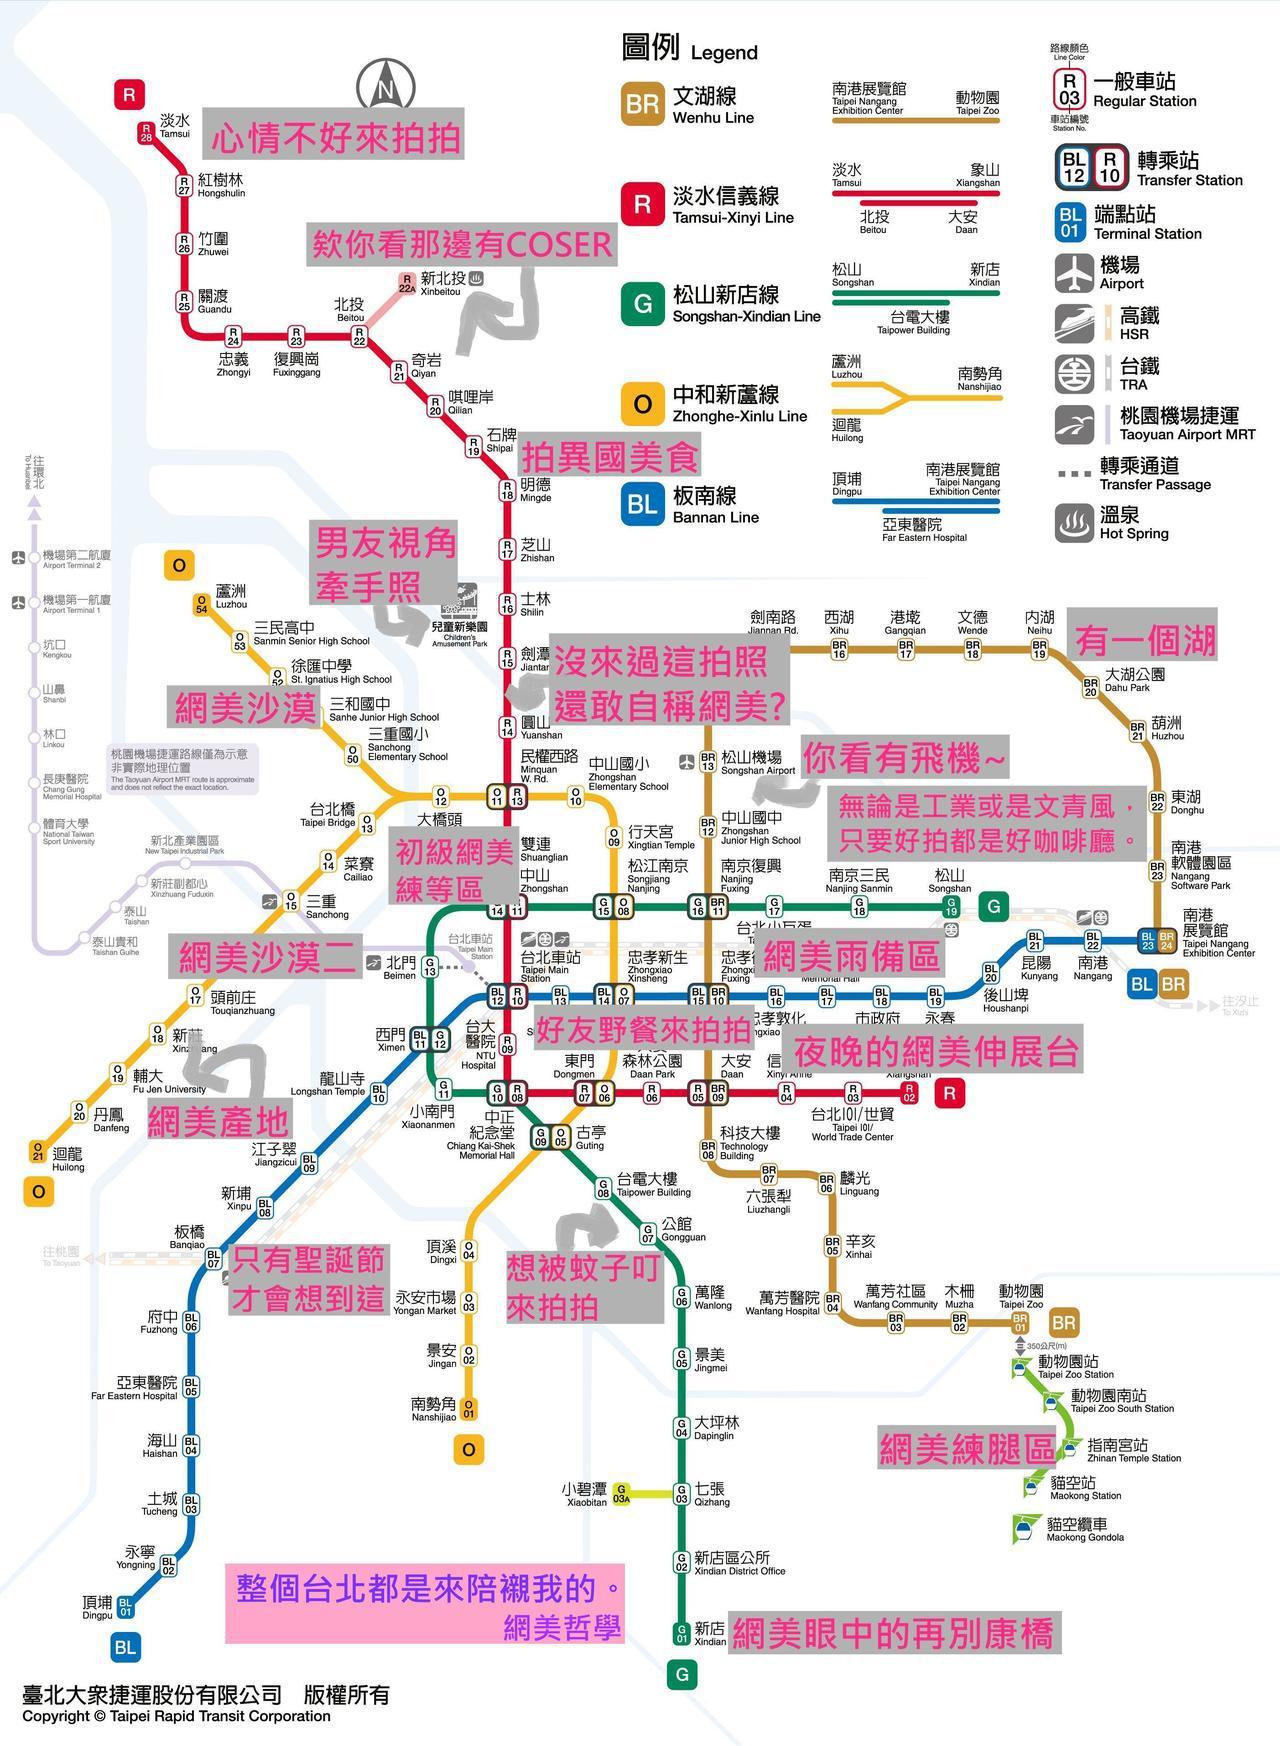 大學生逗趣分享「網美眼中的台北地圖」,幽默註解引人發笑。圖/取自《嘰咕Park》